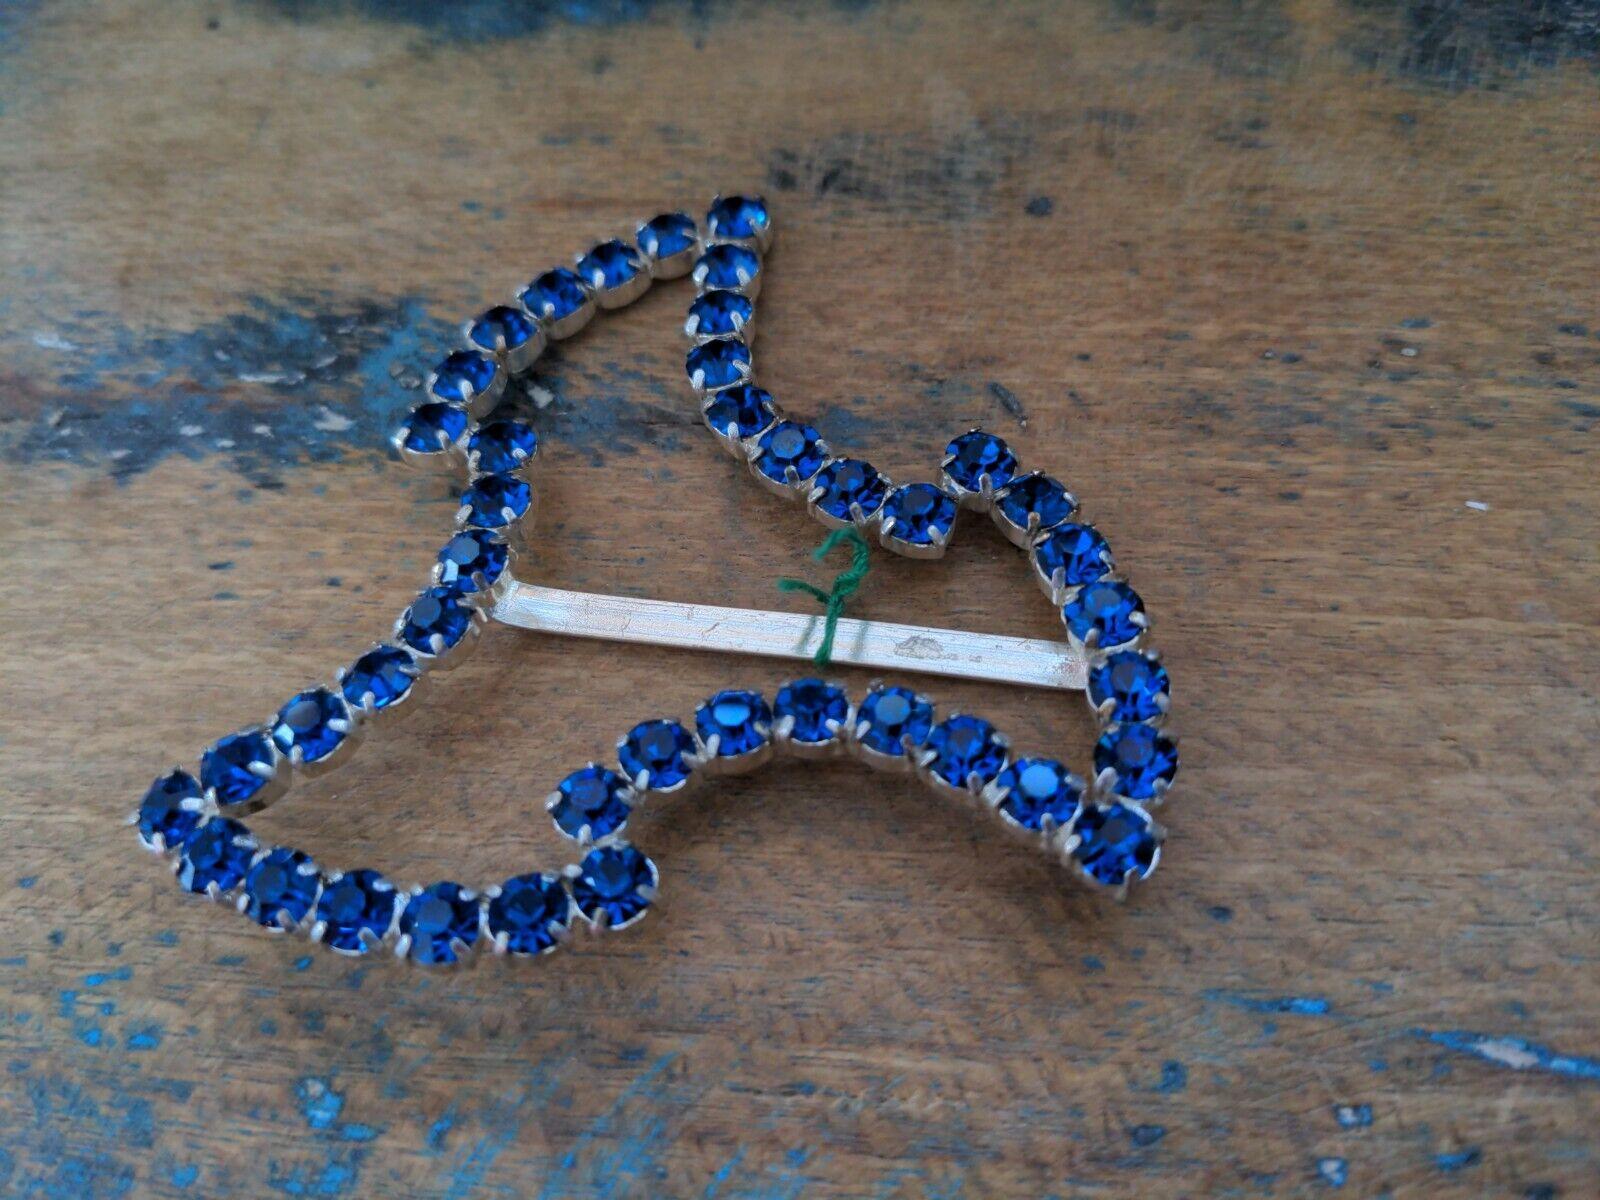 ♥ viejo encantador adorno en la cintura con azul pedrería 60 x 60 mm ♥